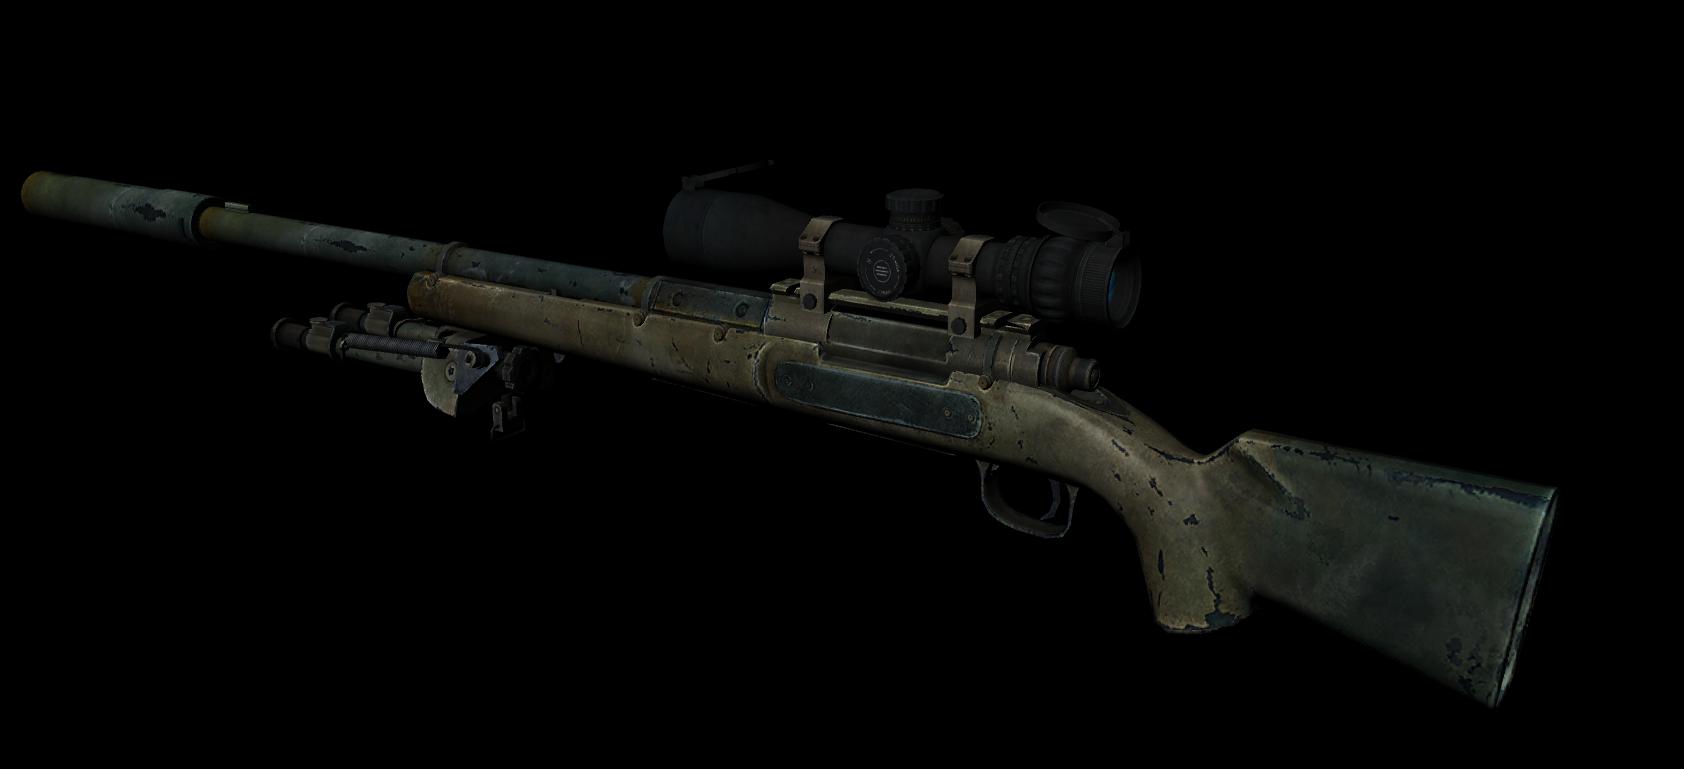 M24 Sniper warfare - m24 (sgw2) image - mod db